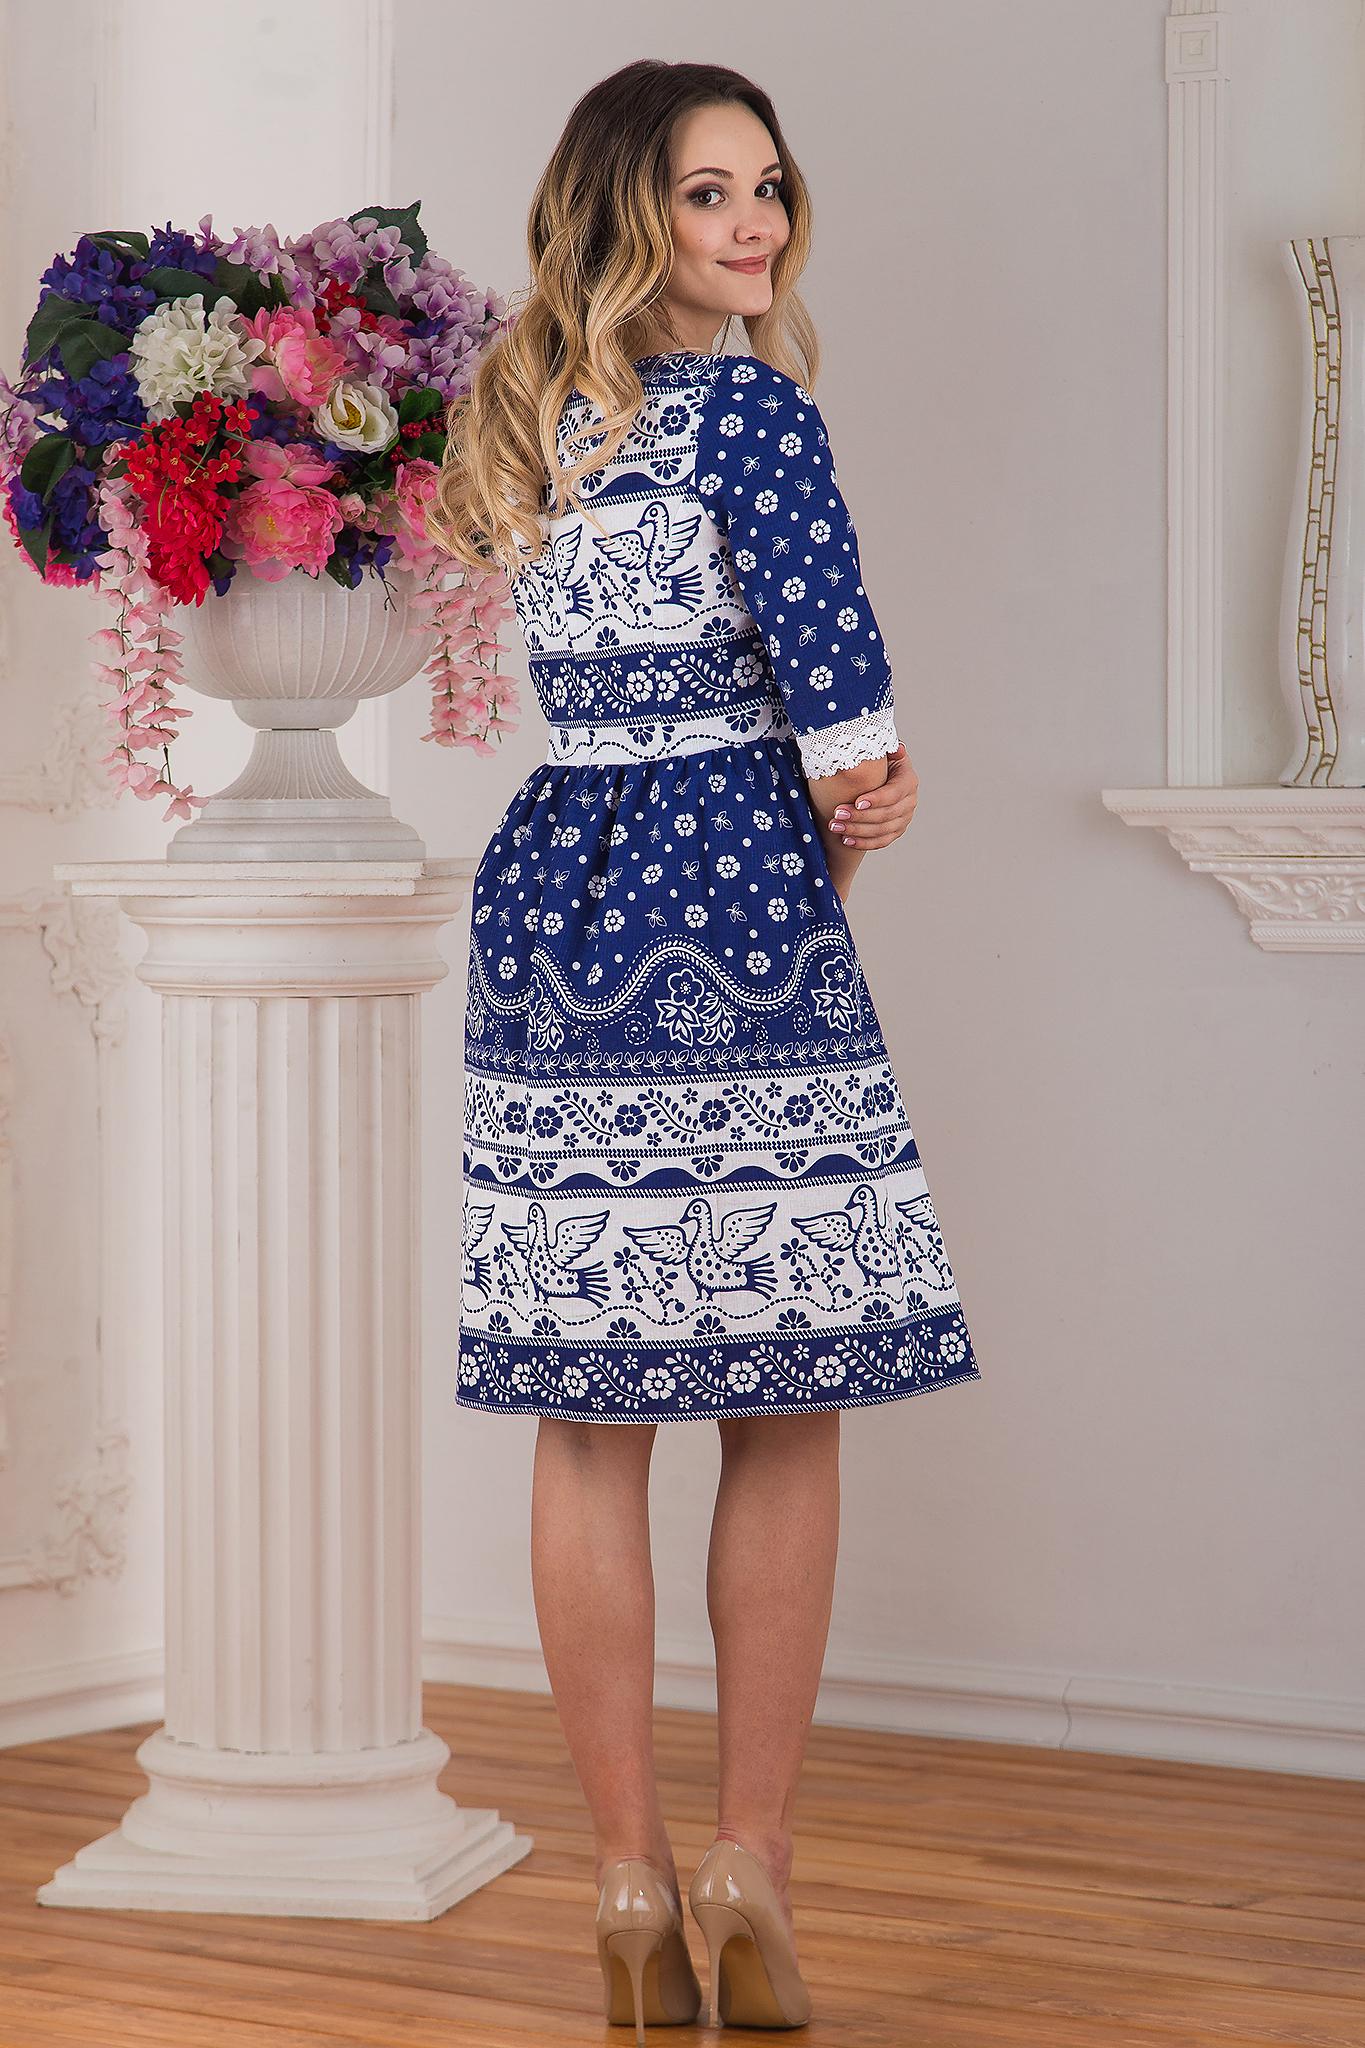 Платье льняное современное Синяя птица от Иванка вид сзади